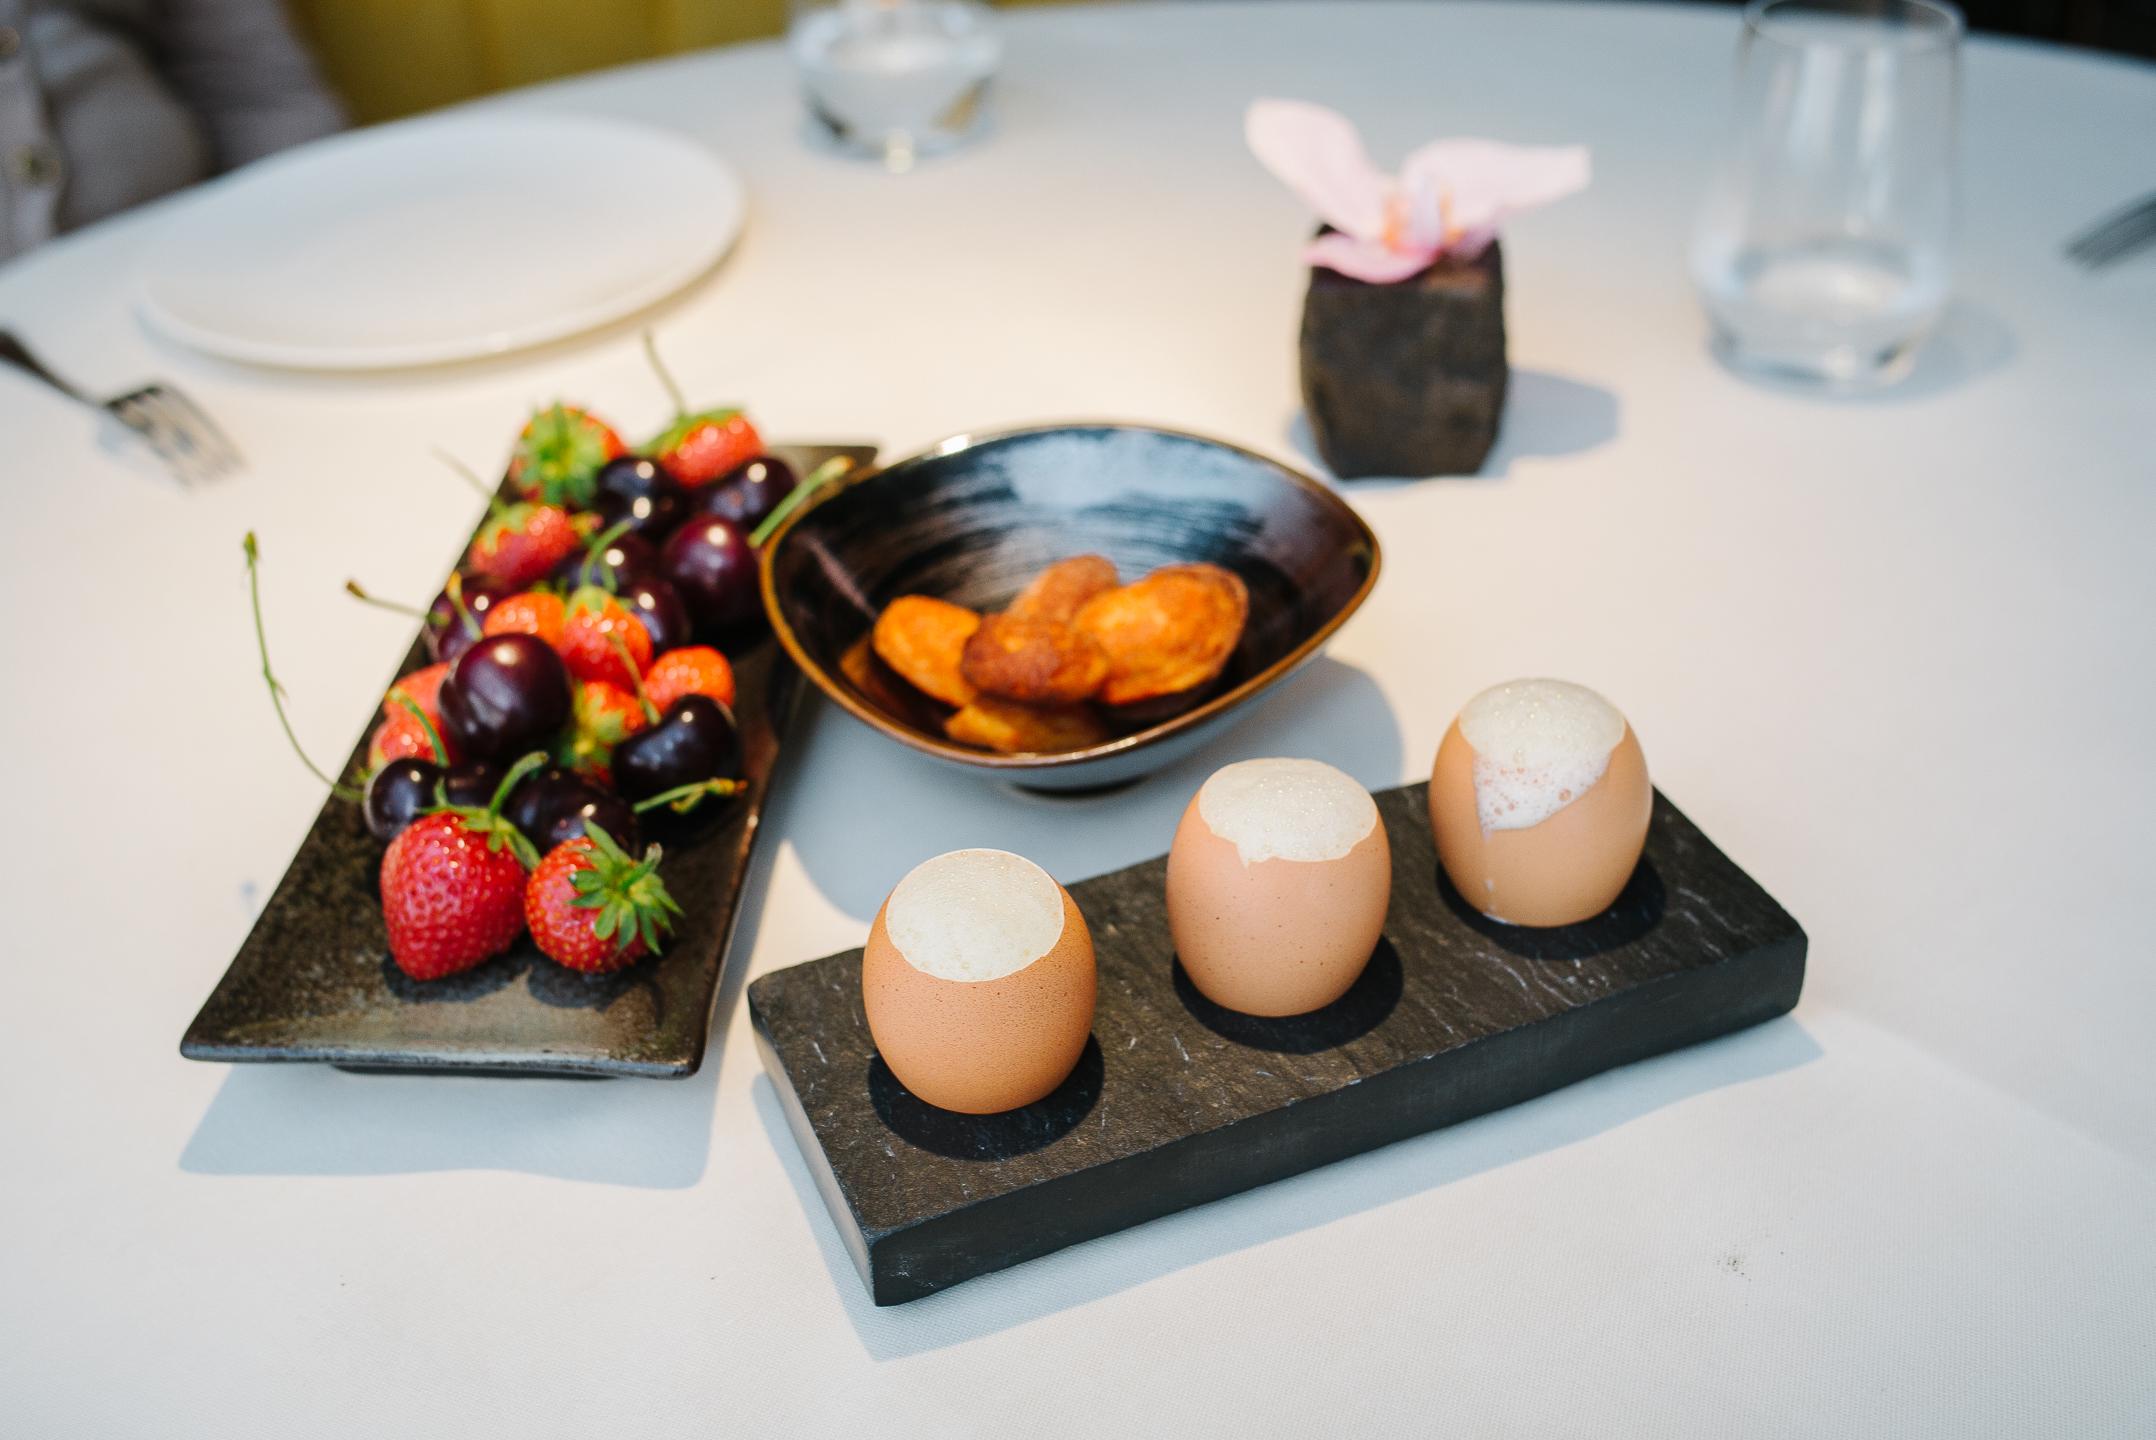 Лучшие рестораны в Париже, которые вы должны попробовать во время Maison et Objet! 2 лучших ресторана в Париже Лучшие рестораны в Париже, которые вы должны попробовать во время Maison et Objet! Лучшие рестораны в Париже, которые вы должны попробовать во время Maison et Objet 2